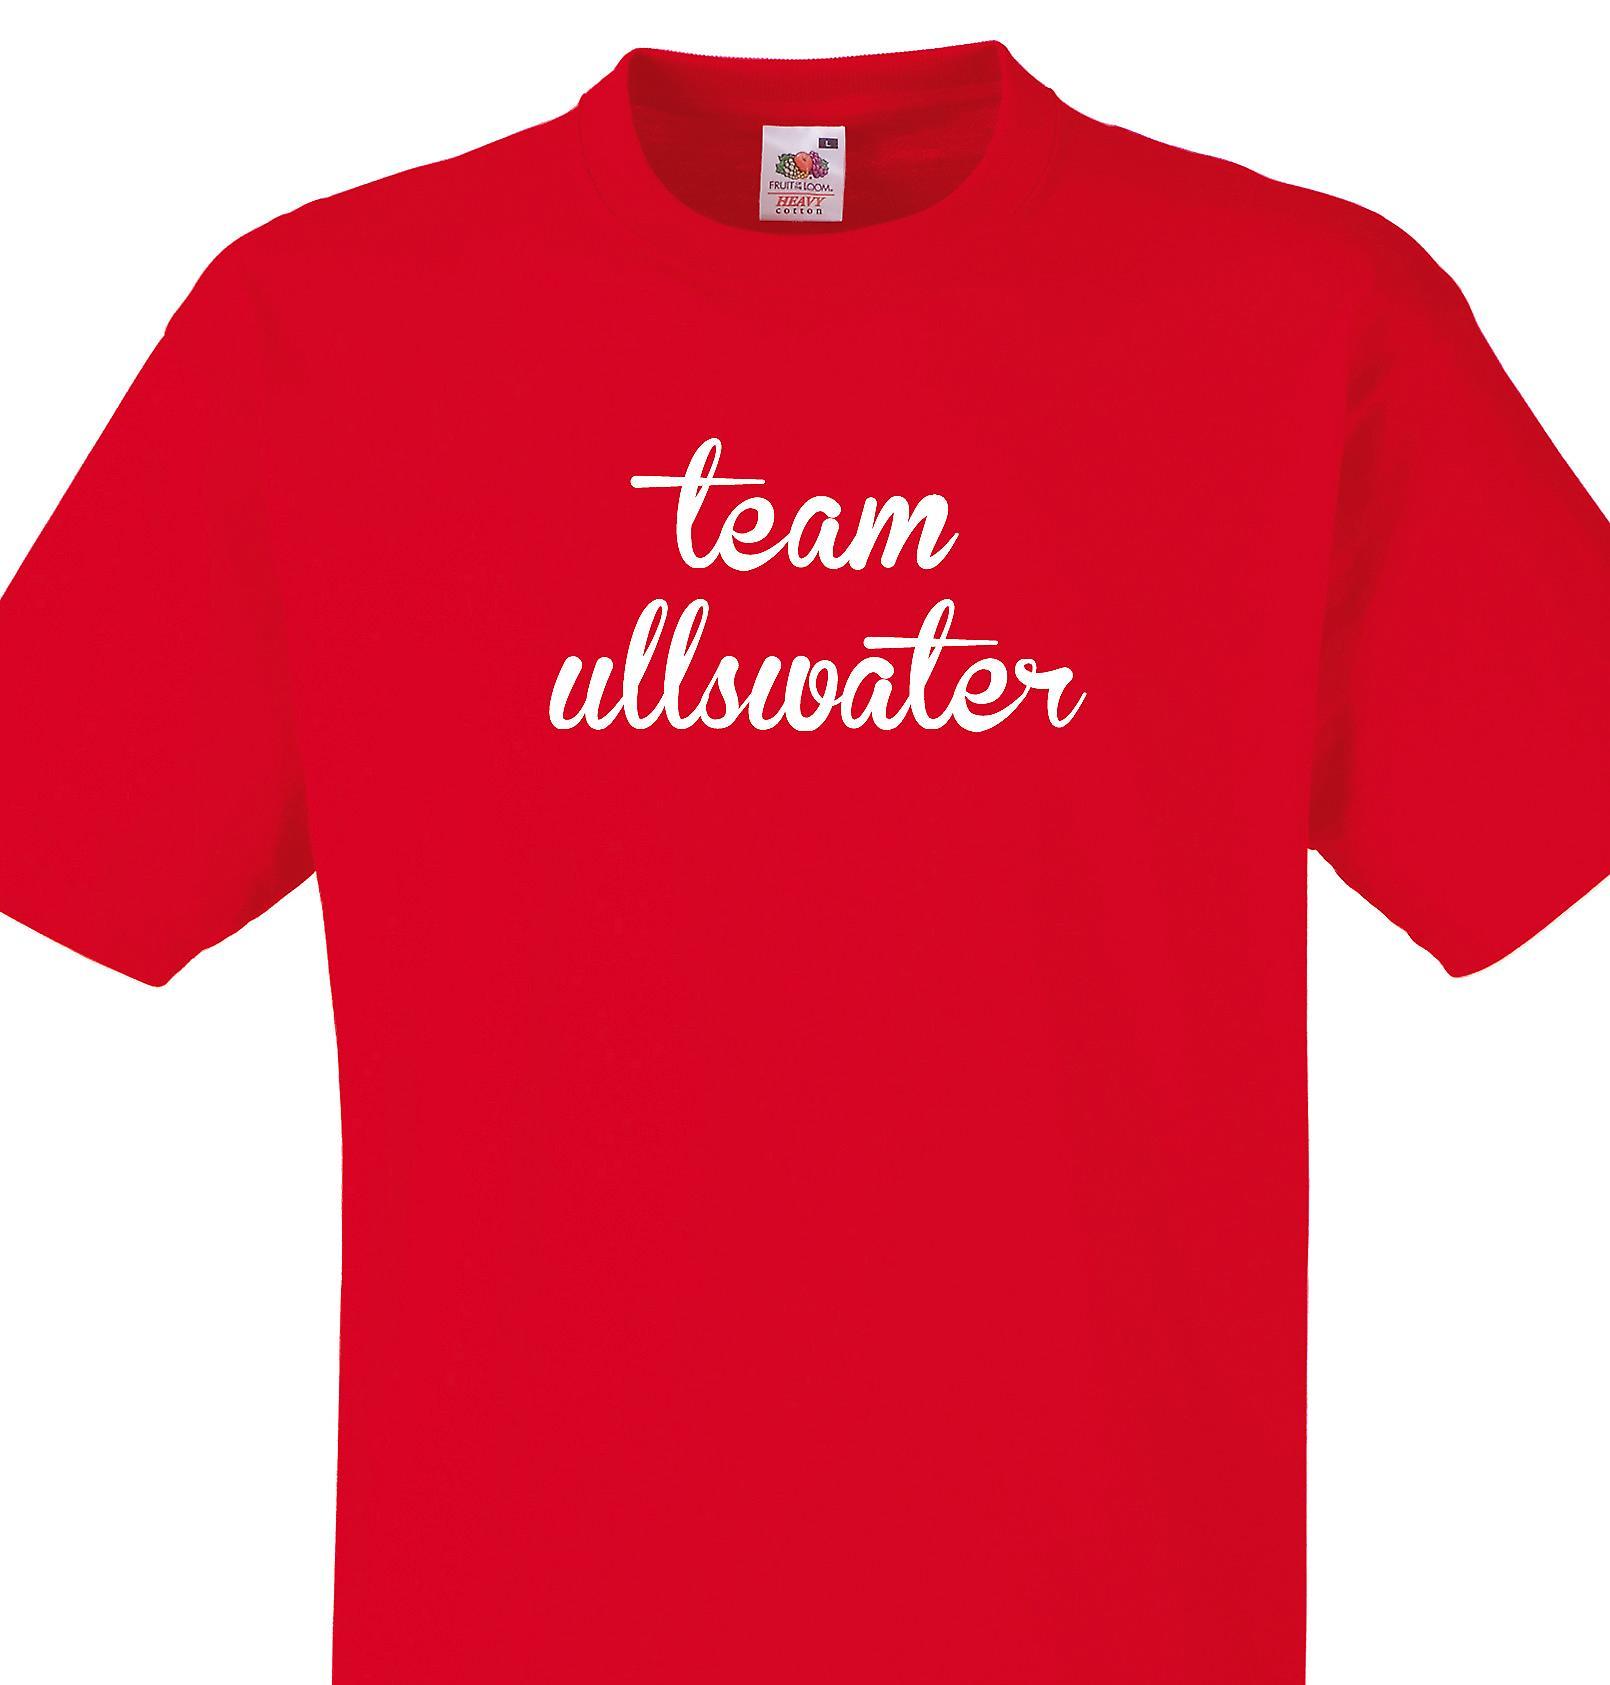 Team Ullswater Red T shirt